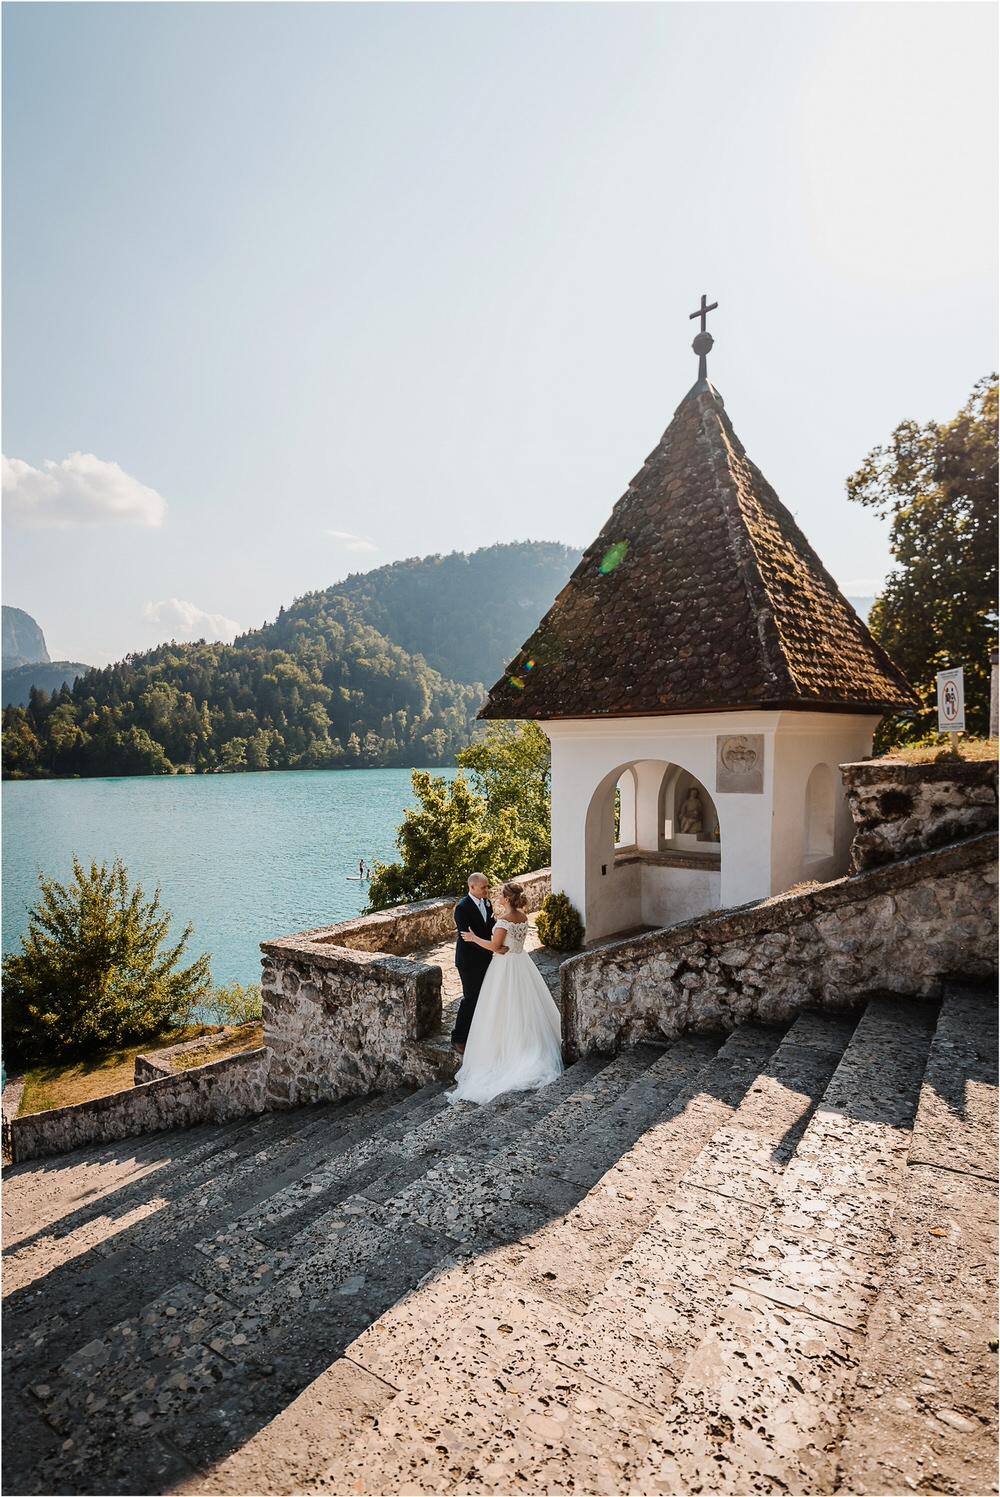 bled castle wedding poroka blejsko jezero jezersek adventure themed destination wedding photographer lake bled 0067.jpg